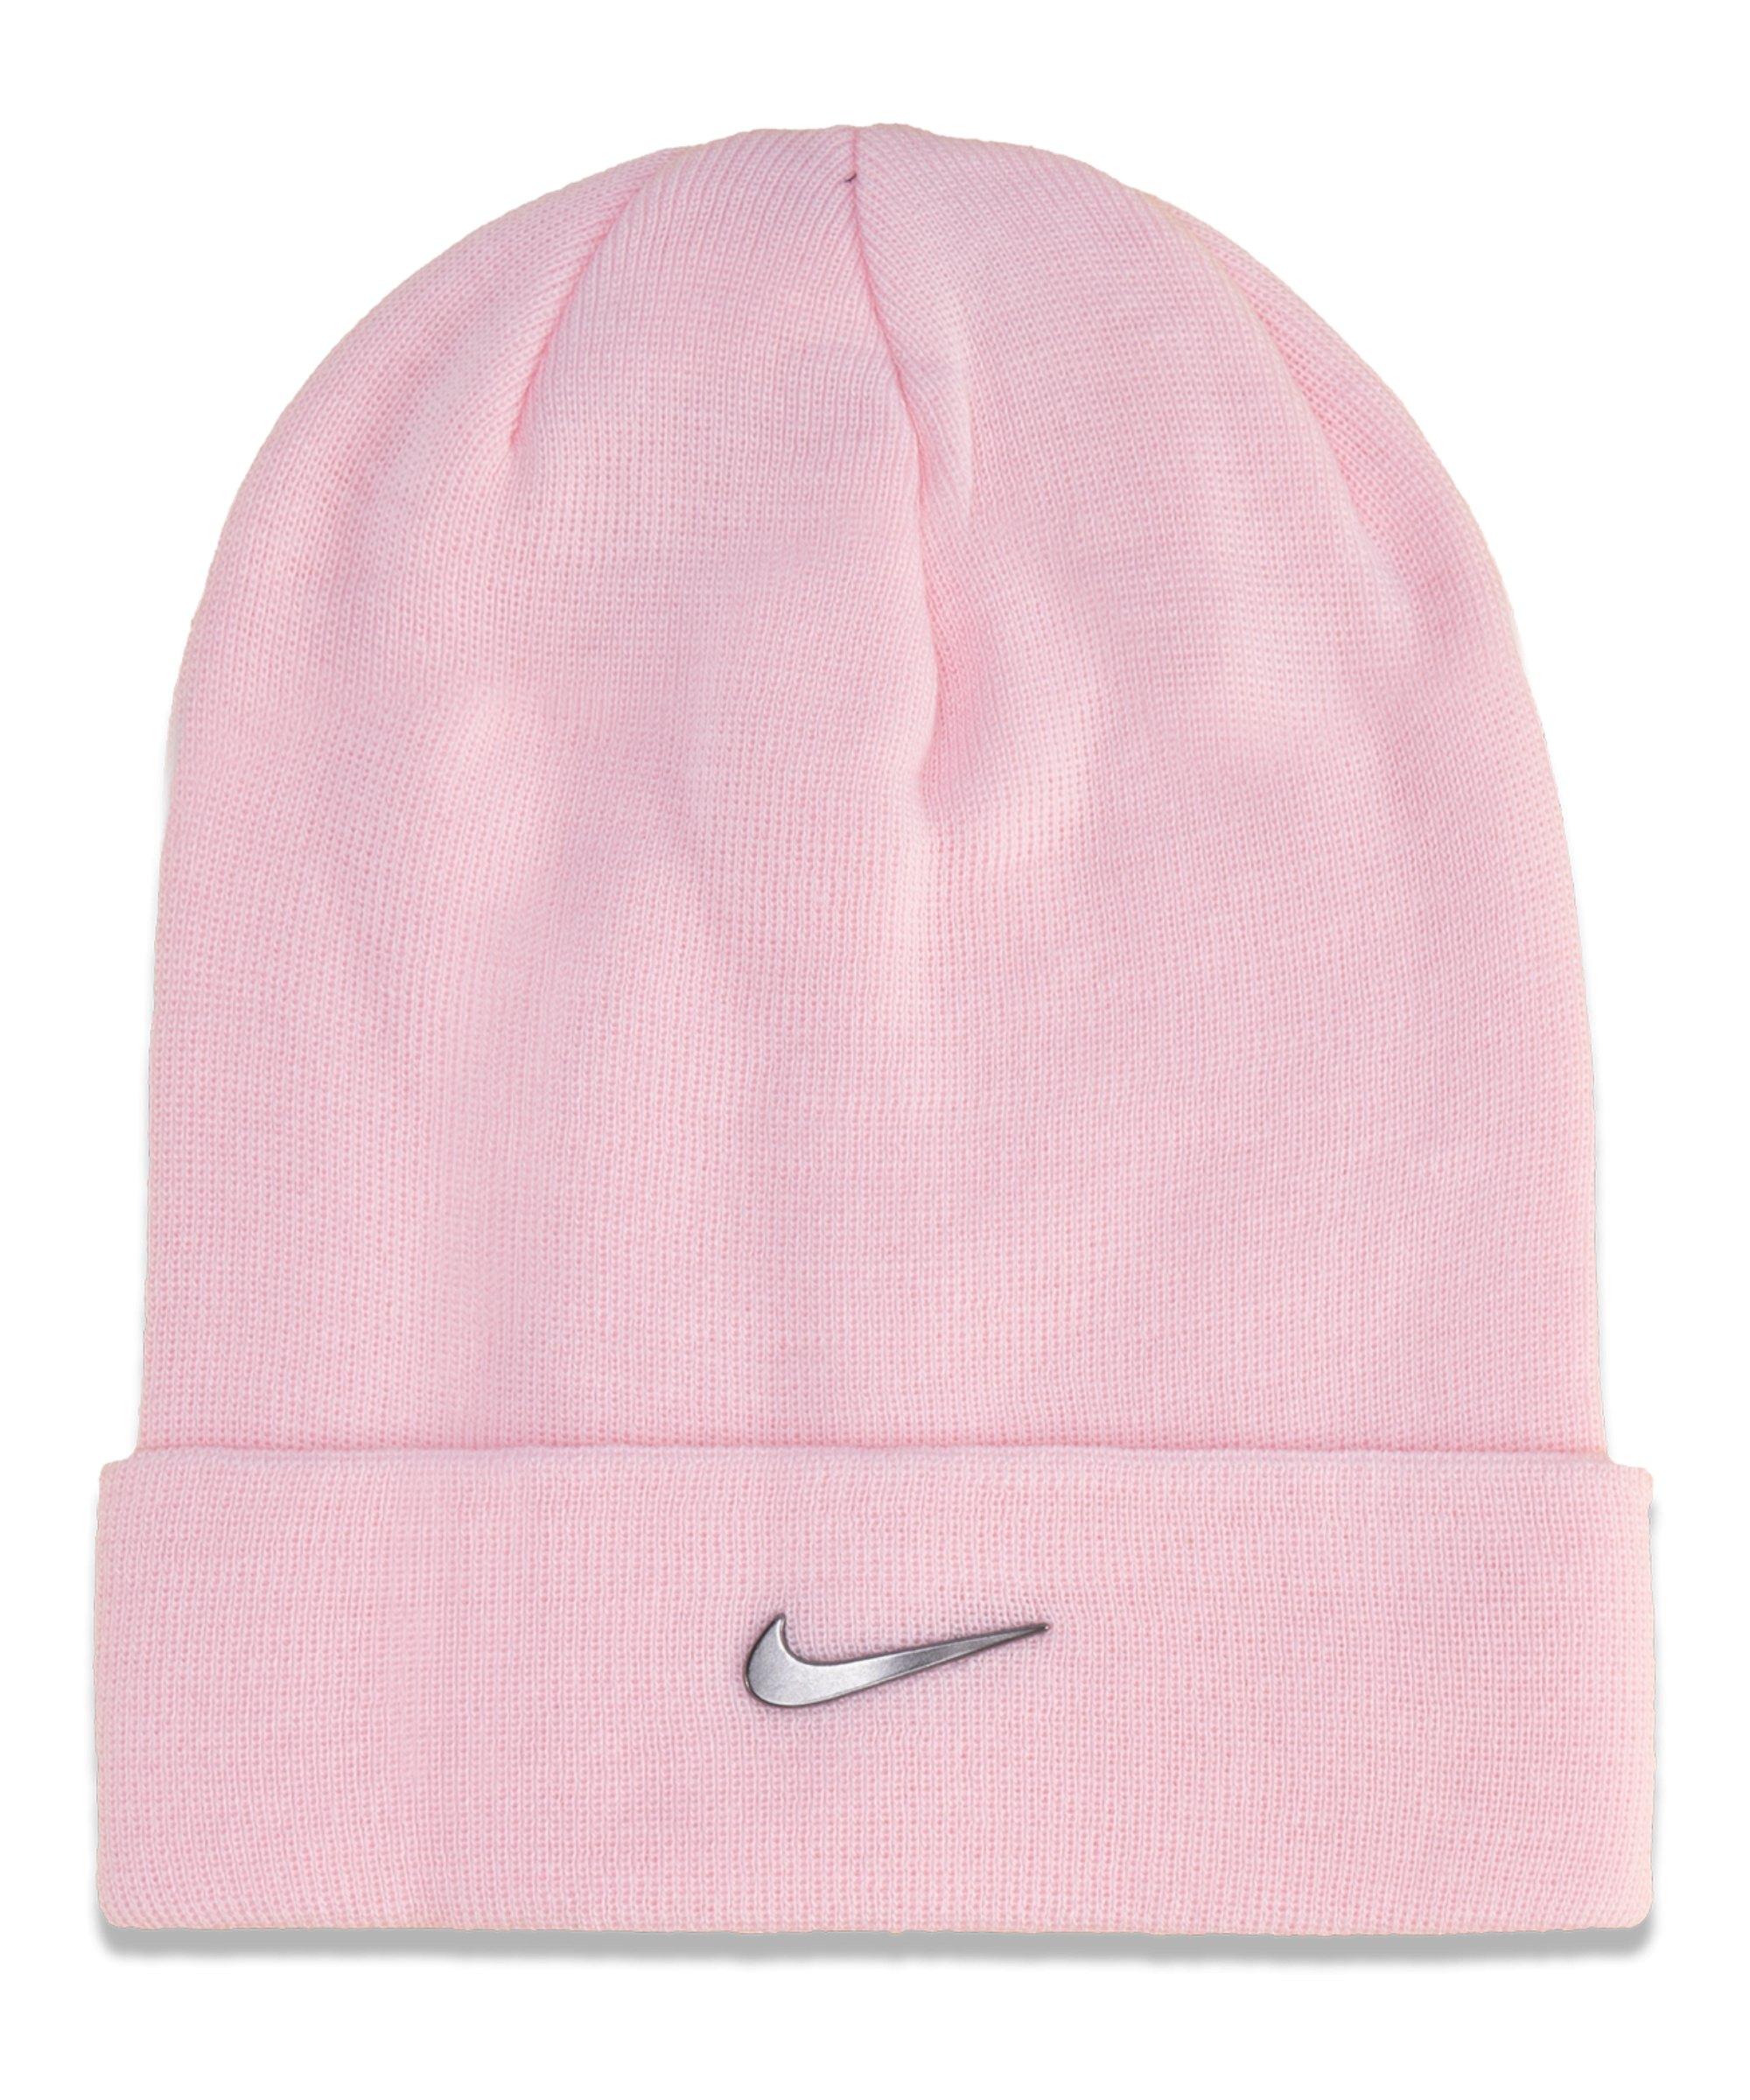 Nike Mütze Kids Pink F632 - pink